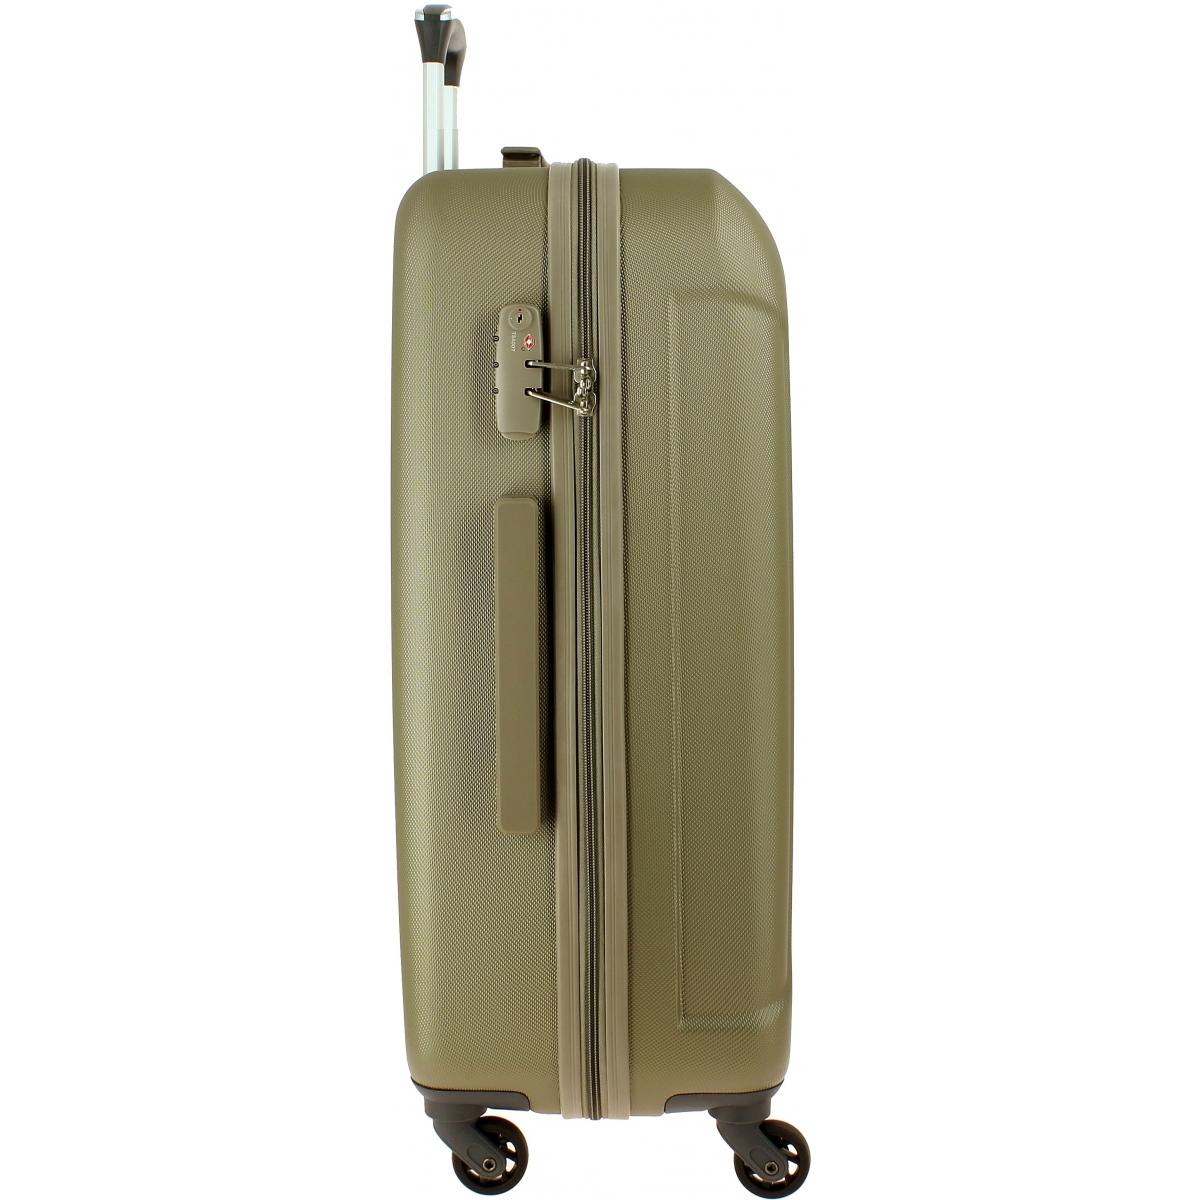 valise delsey cineos 76cm cineos821 couleur principale beige clair valise pas cher. Black Bedroom Furniture Sets. Home Design Ideas